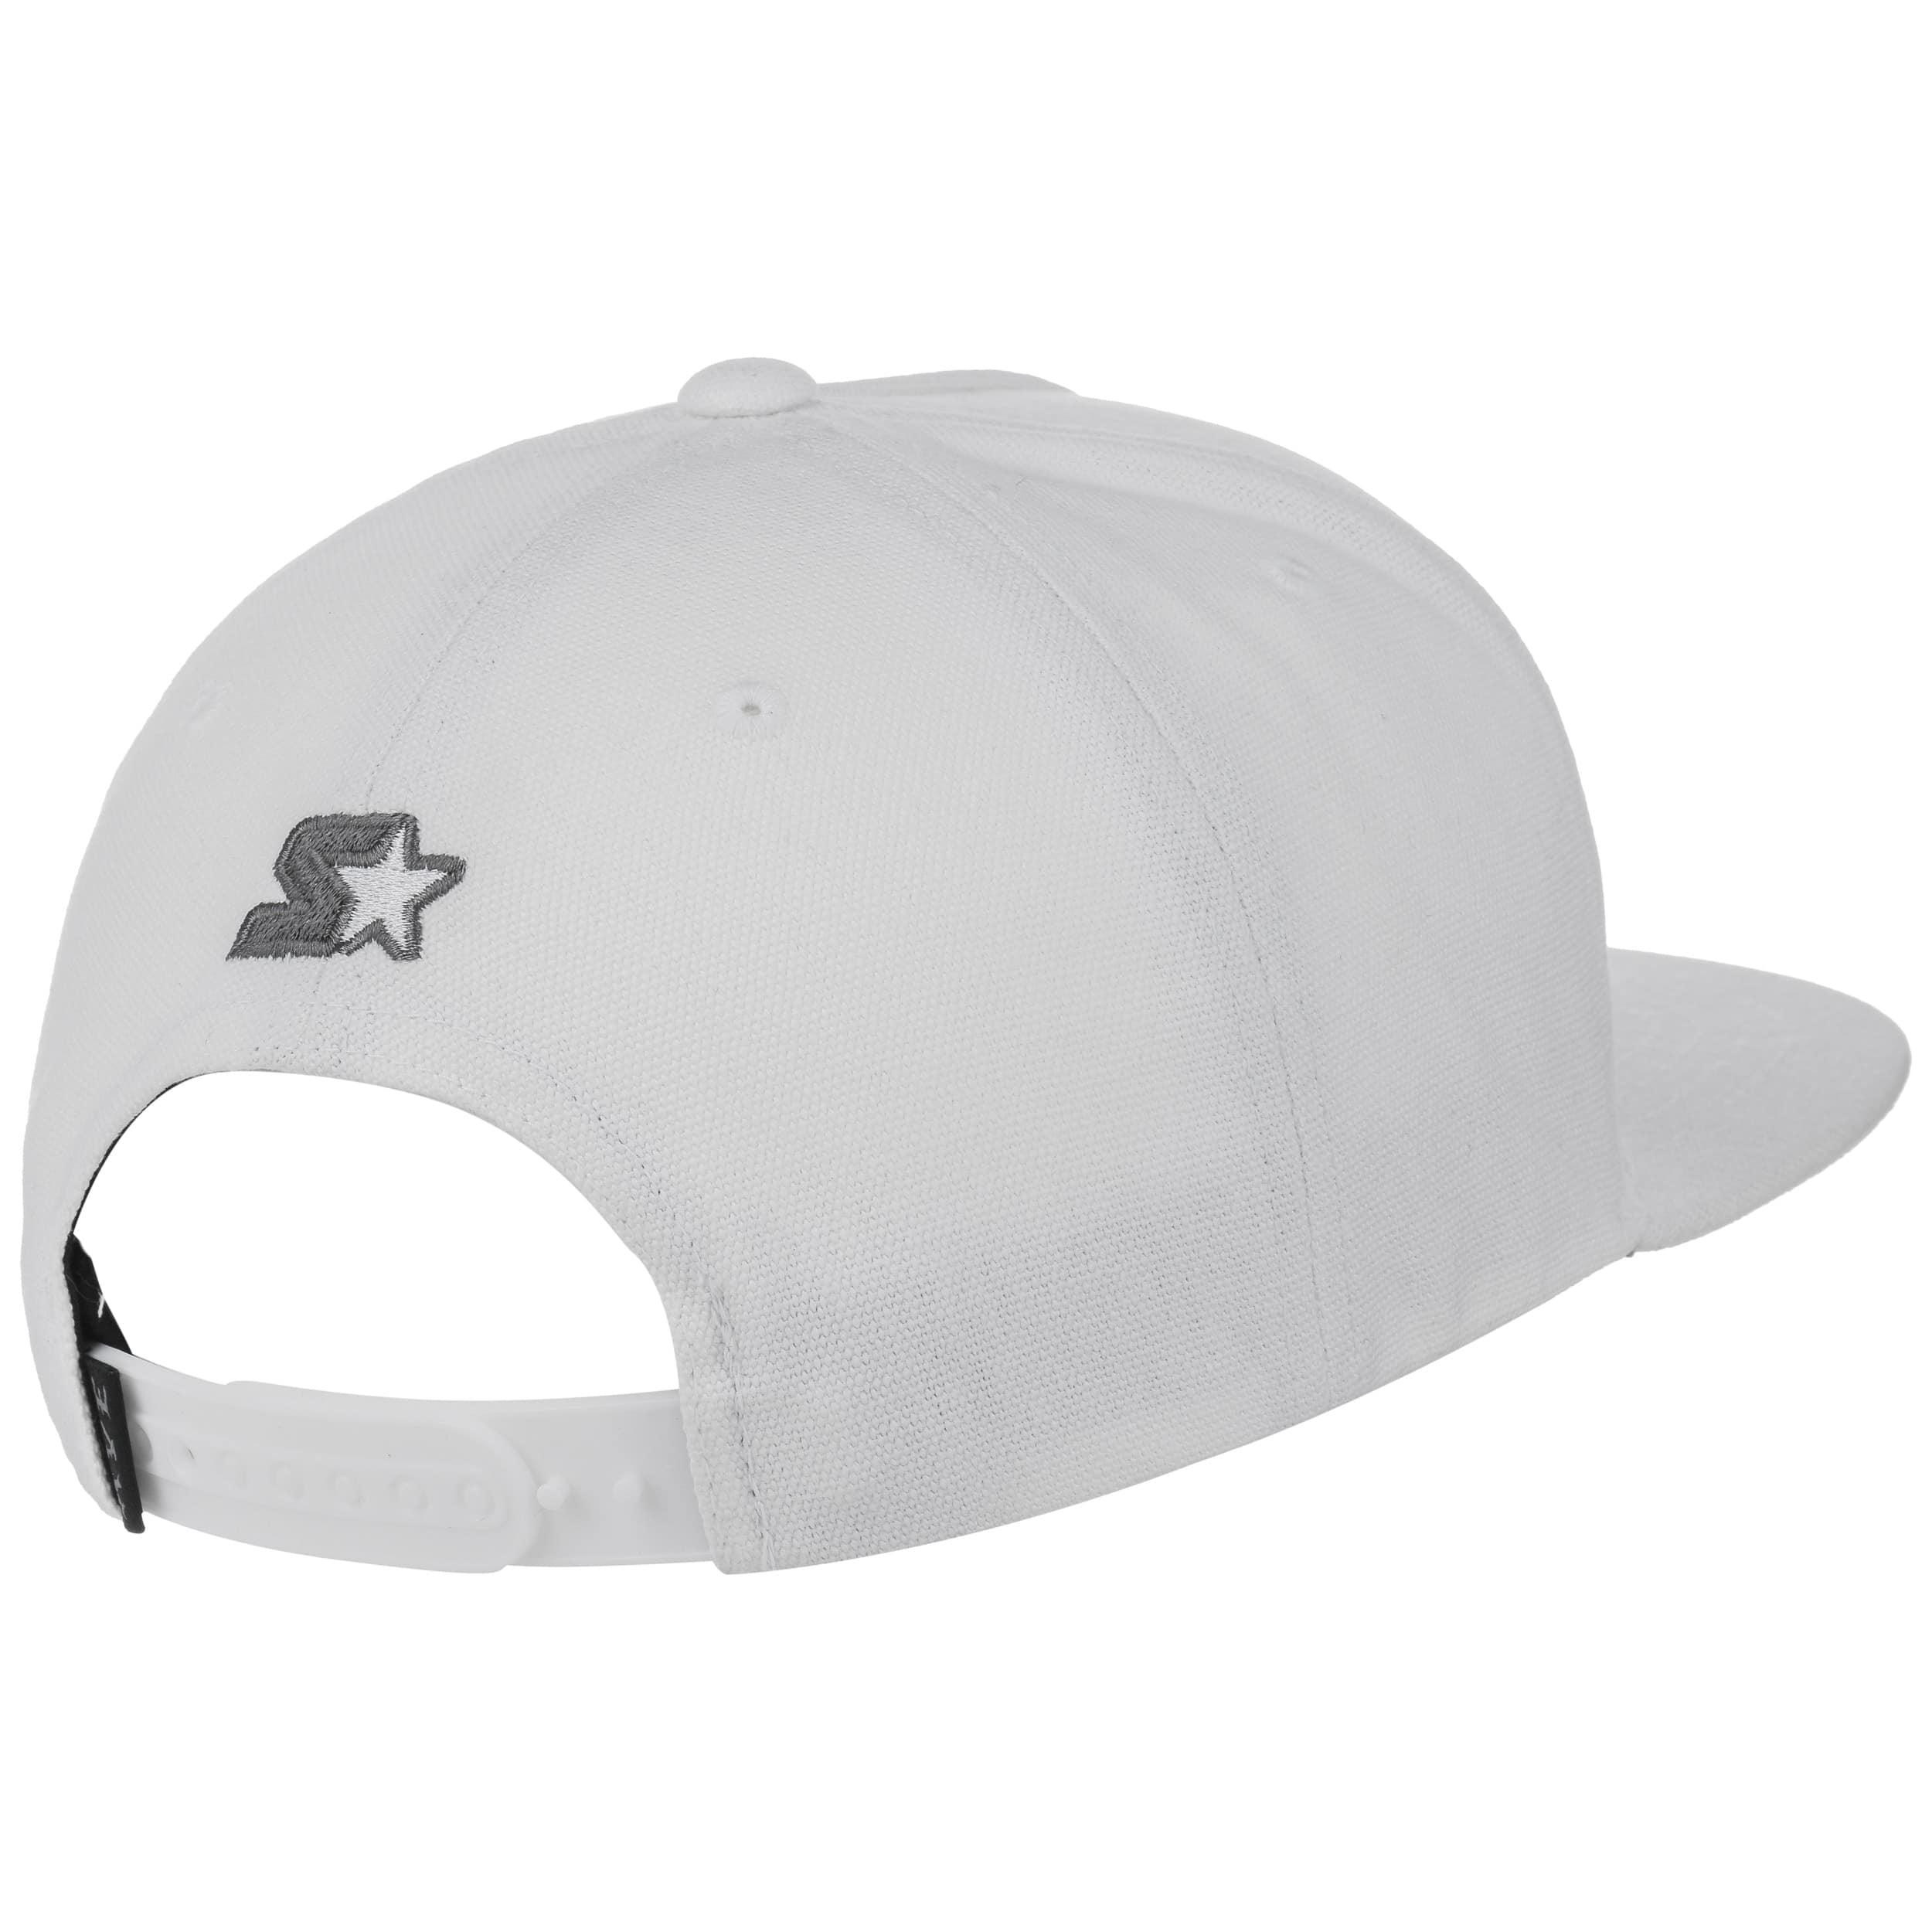 ... AV Starter Snapback Cap by Vans - white 3 ... 4febbeaa132